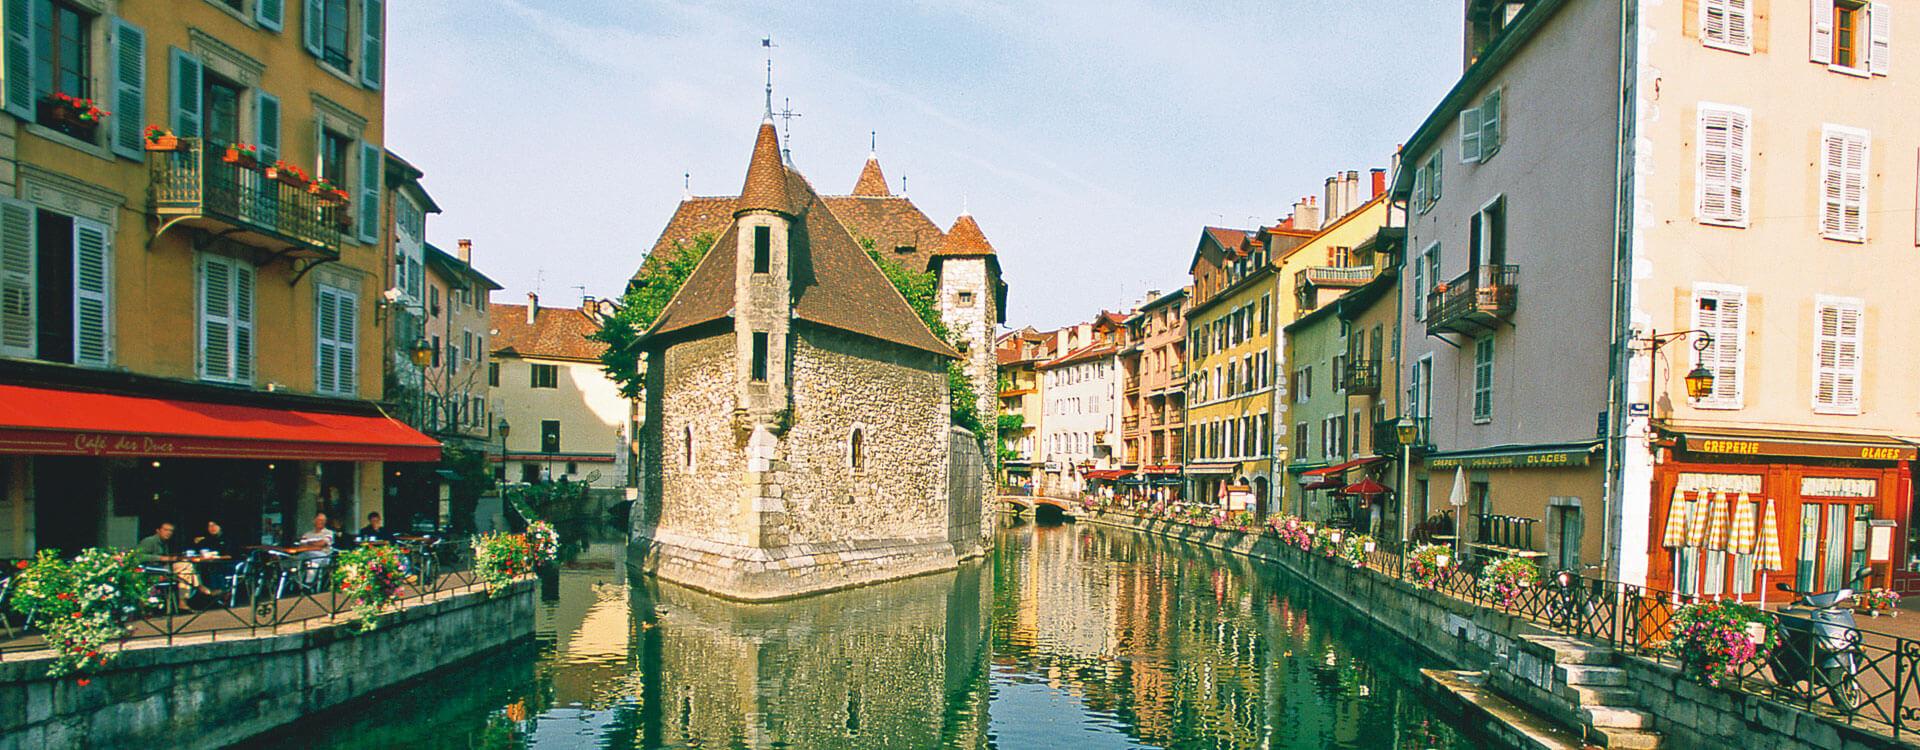 Annecy - Hôtel et résidence La Villa du Lac à Divonne